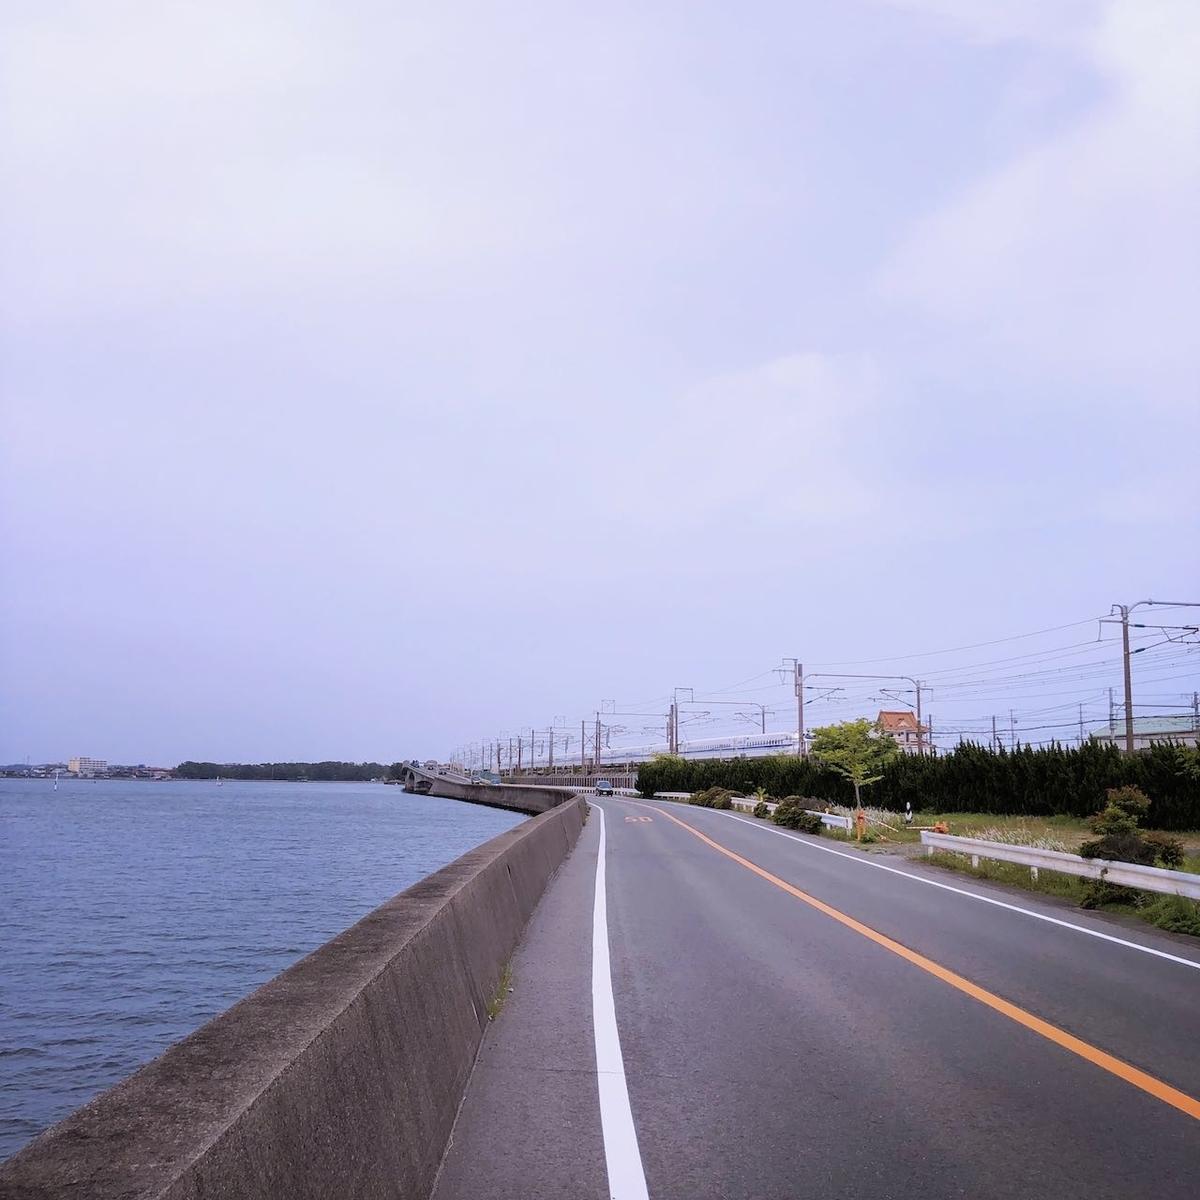 f:id:mick_kamihara:20210508141717j:plain